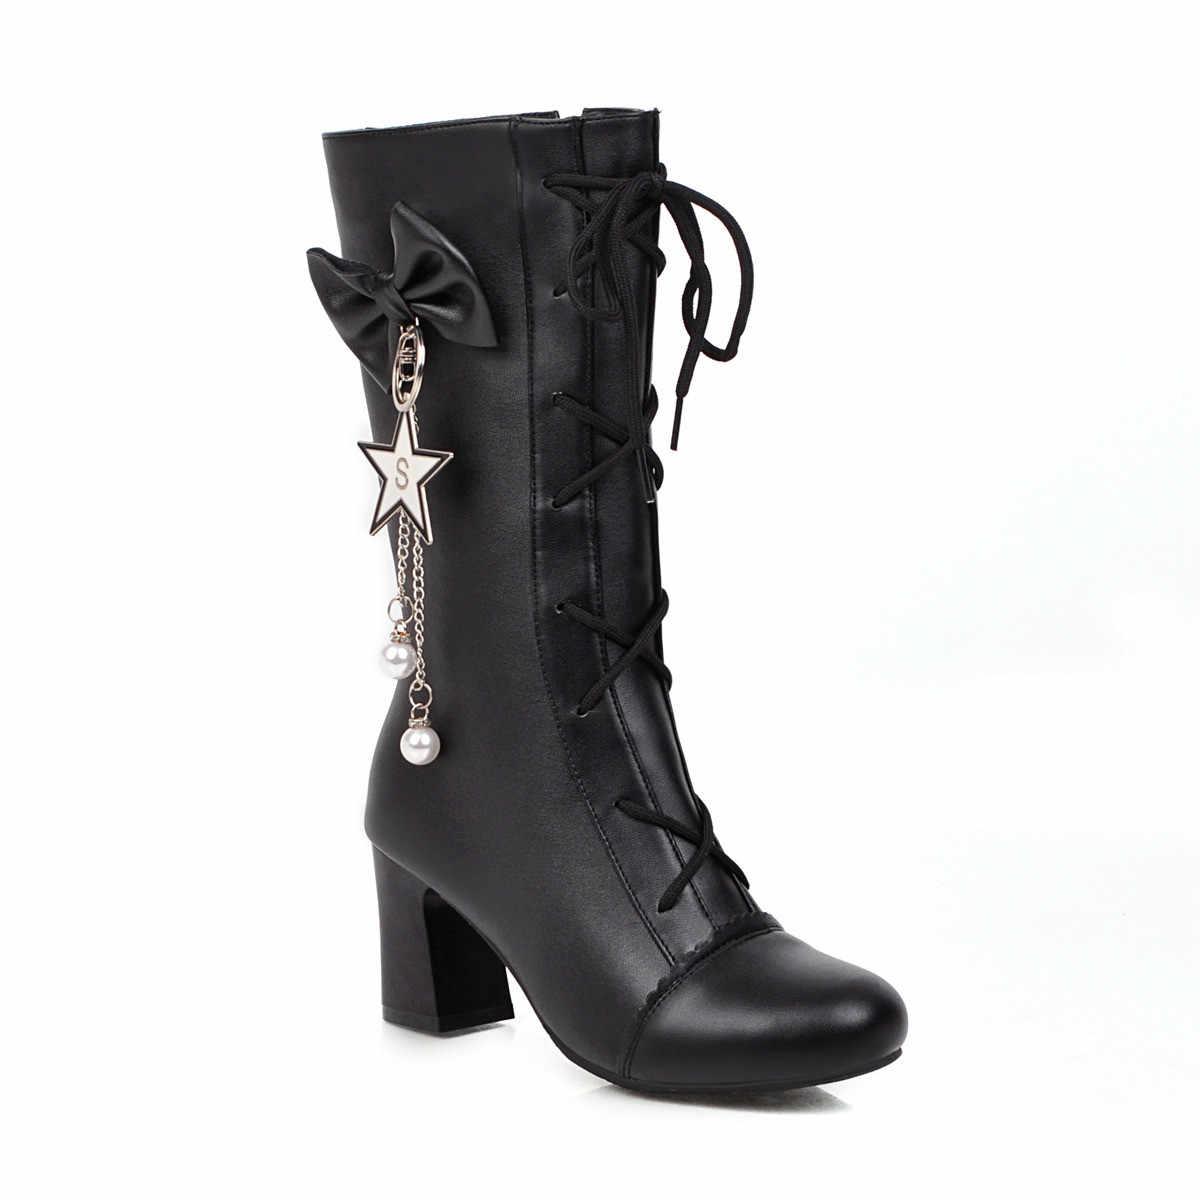 YMECHIC/милые студенческие зимние туфли в стиле Лолиты; коллекция 2019 года; дизайнерские байкерские сапоги до середины икры на высоком каблуке, украшенные цепочкой и бусинами и перекрестными ремешками